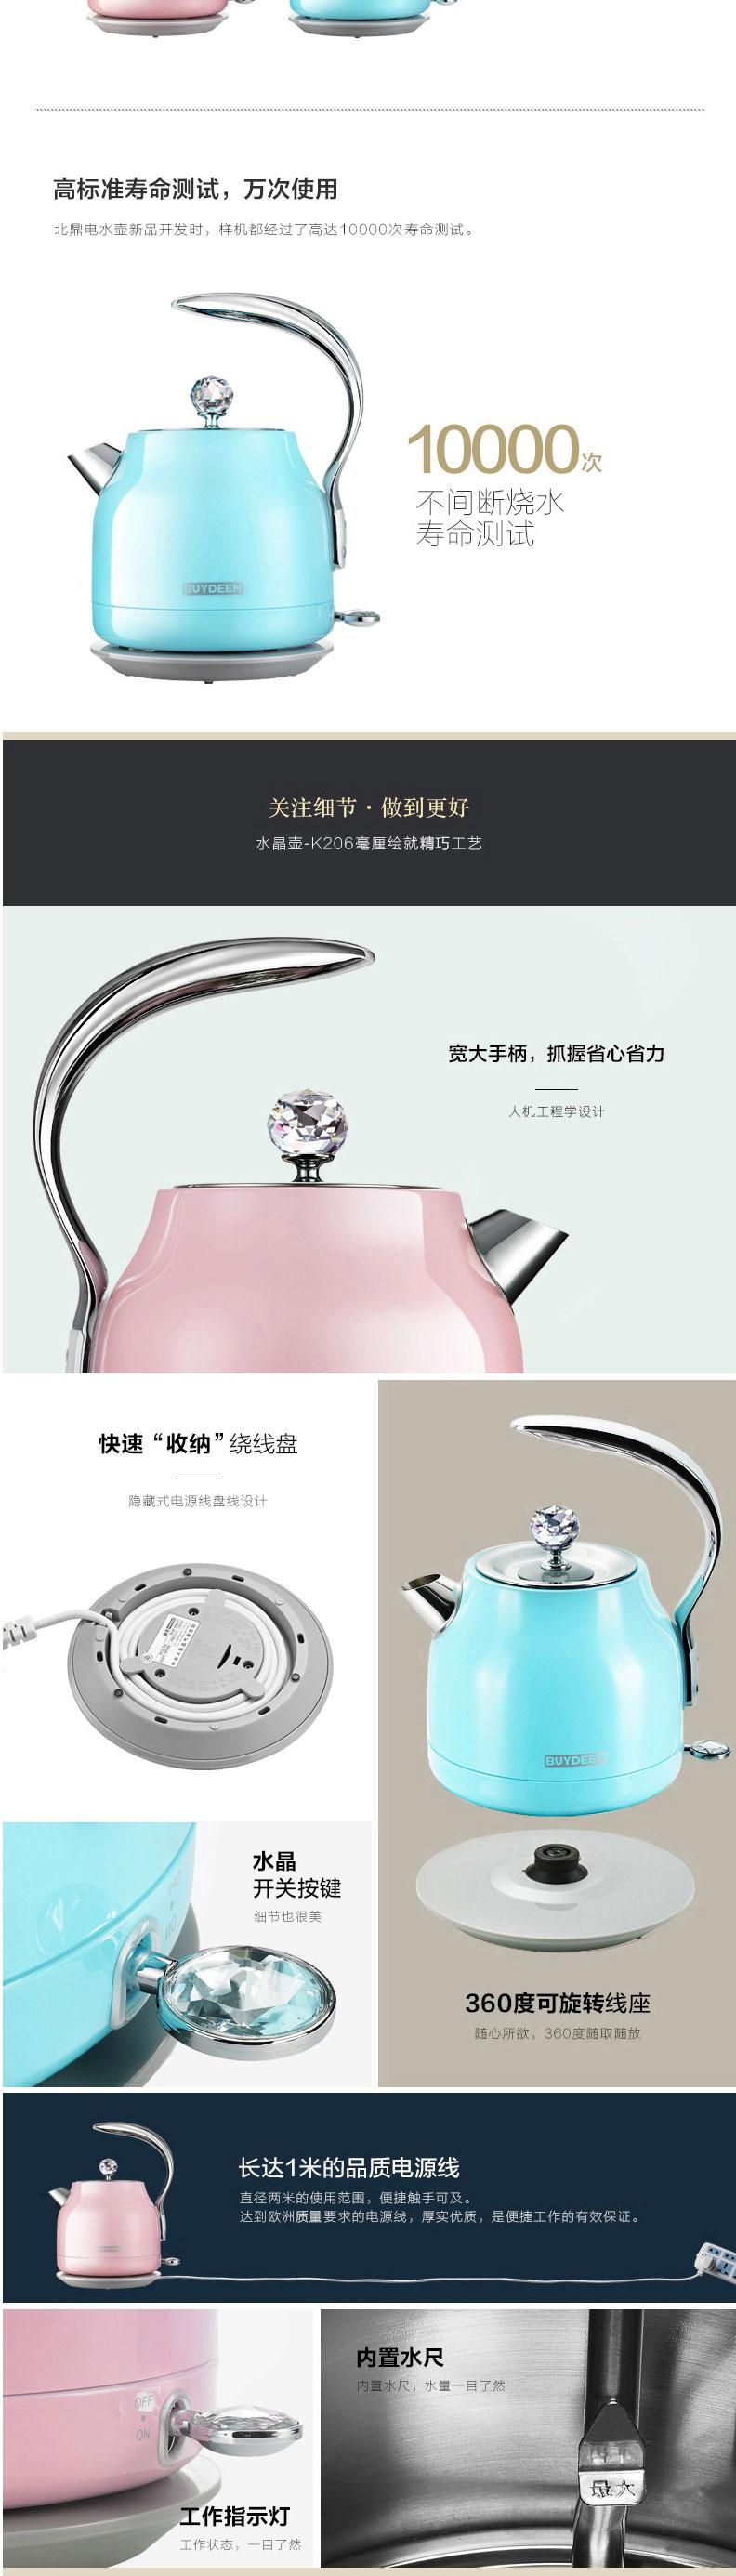 北鼎K206电水壶详情图_07.jpg